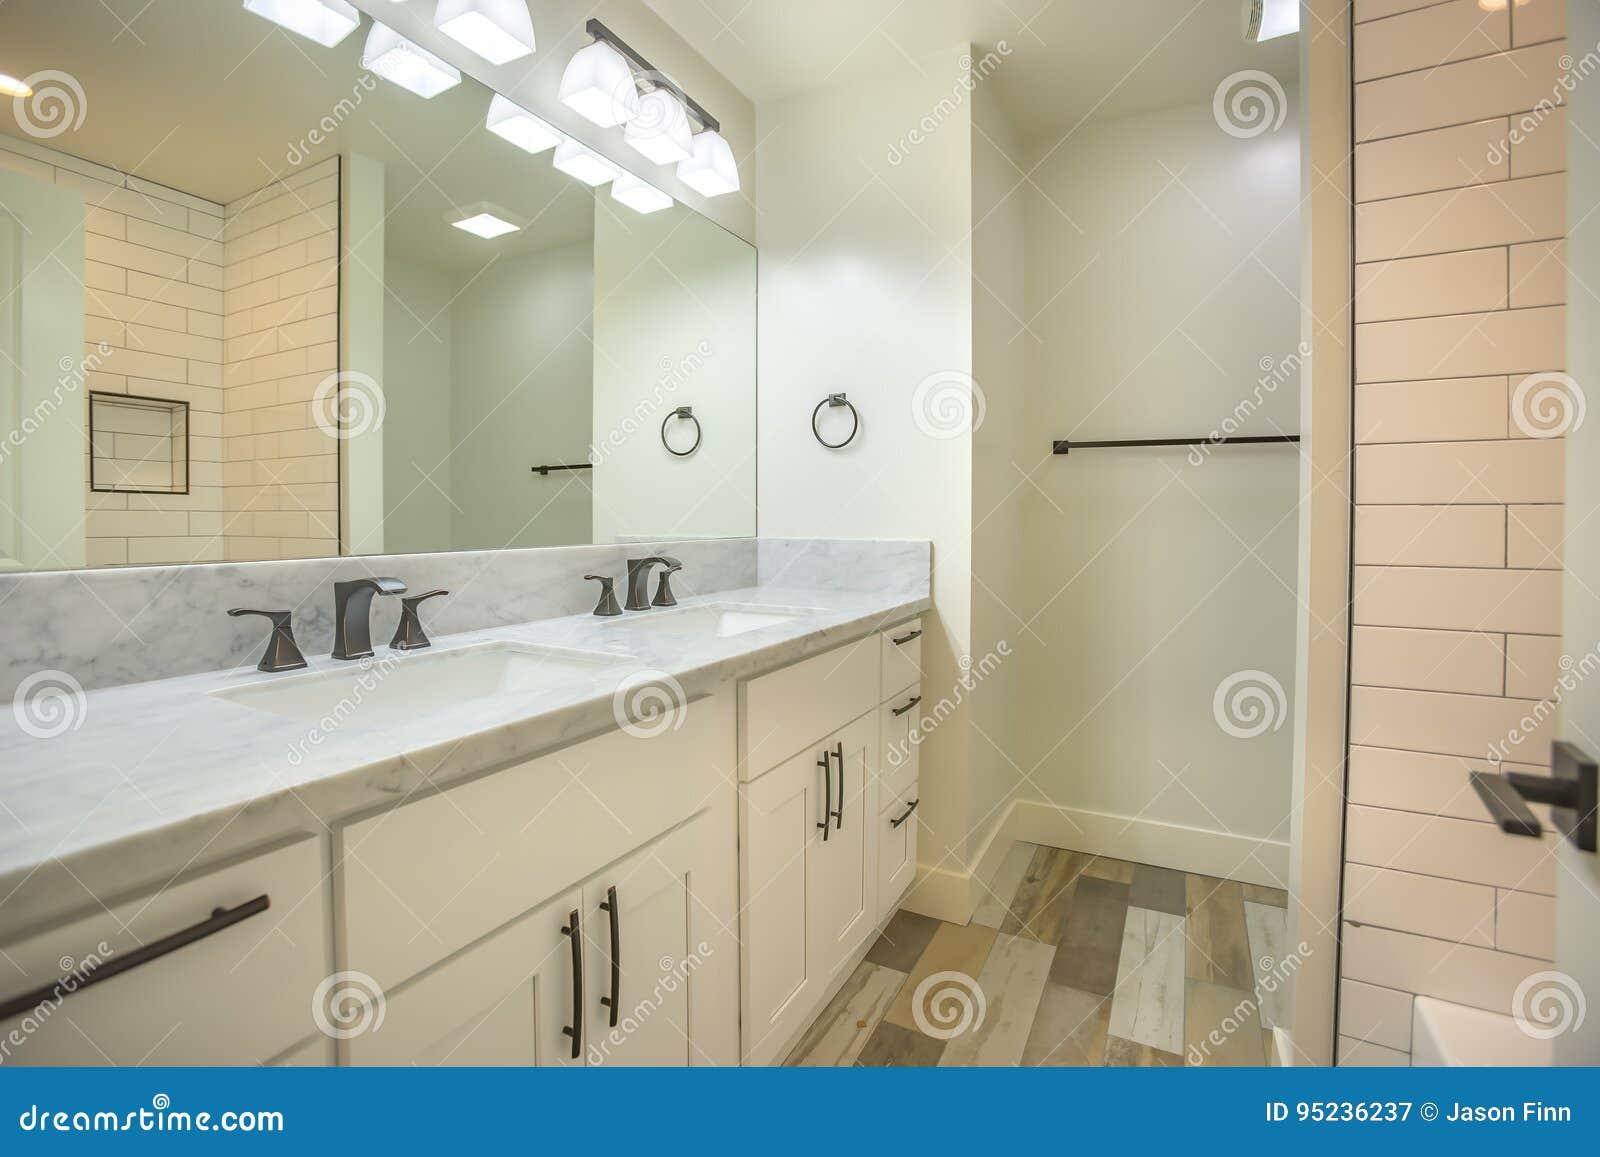 Marmeren Badkamer Vloer : Heldere open witte lichte badkamers met marmeren tellers en houten